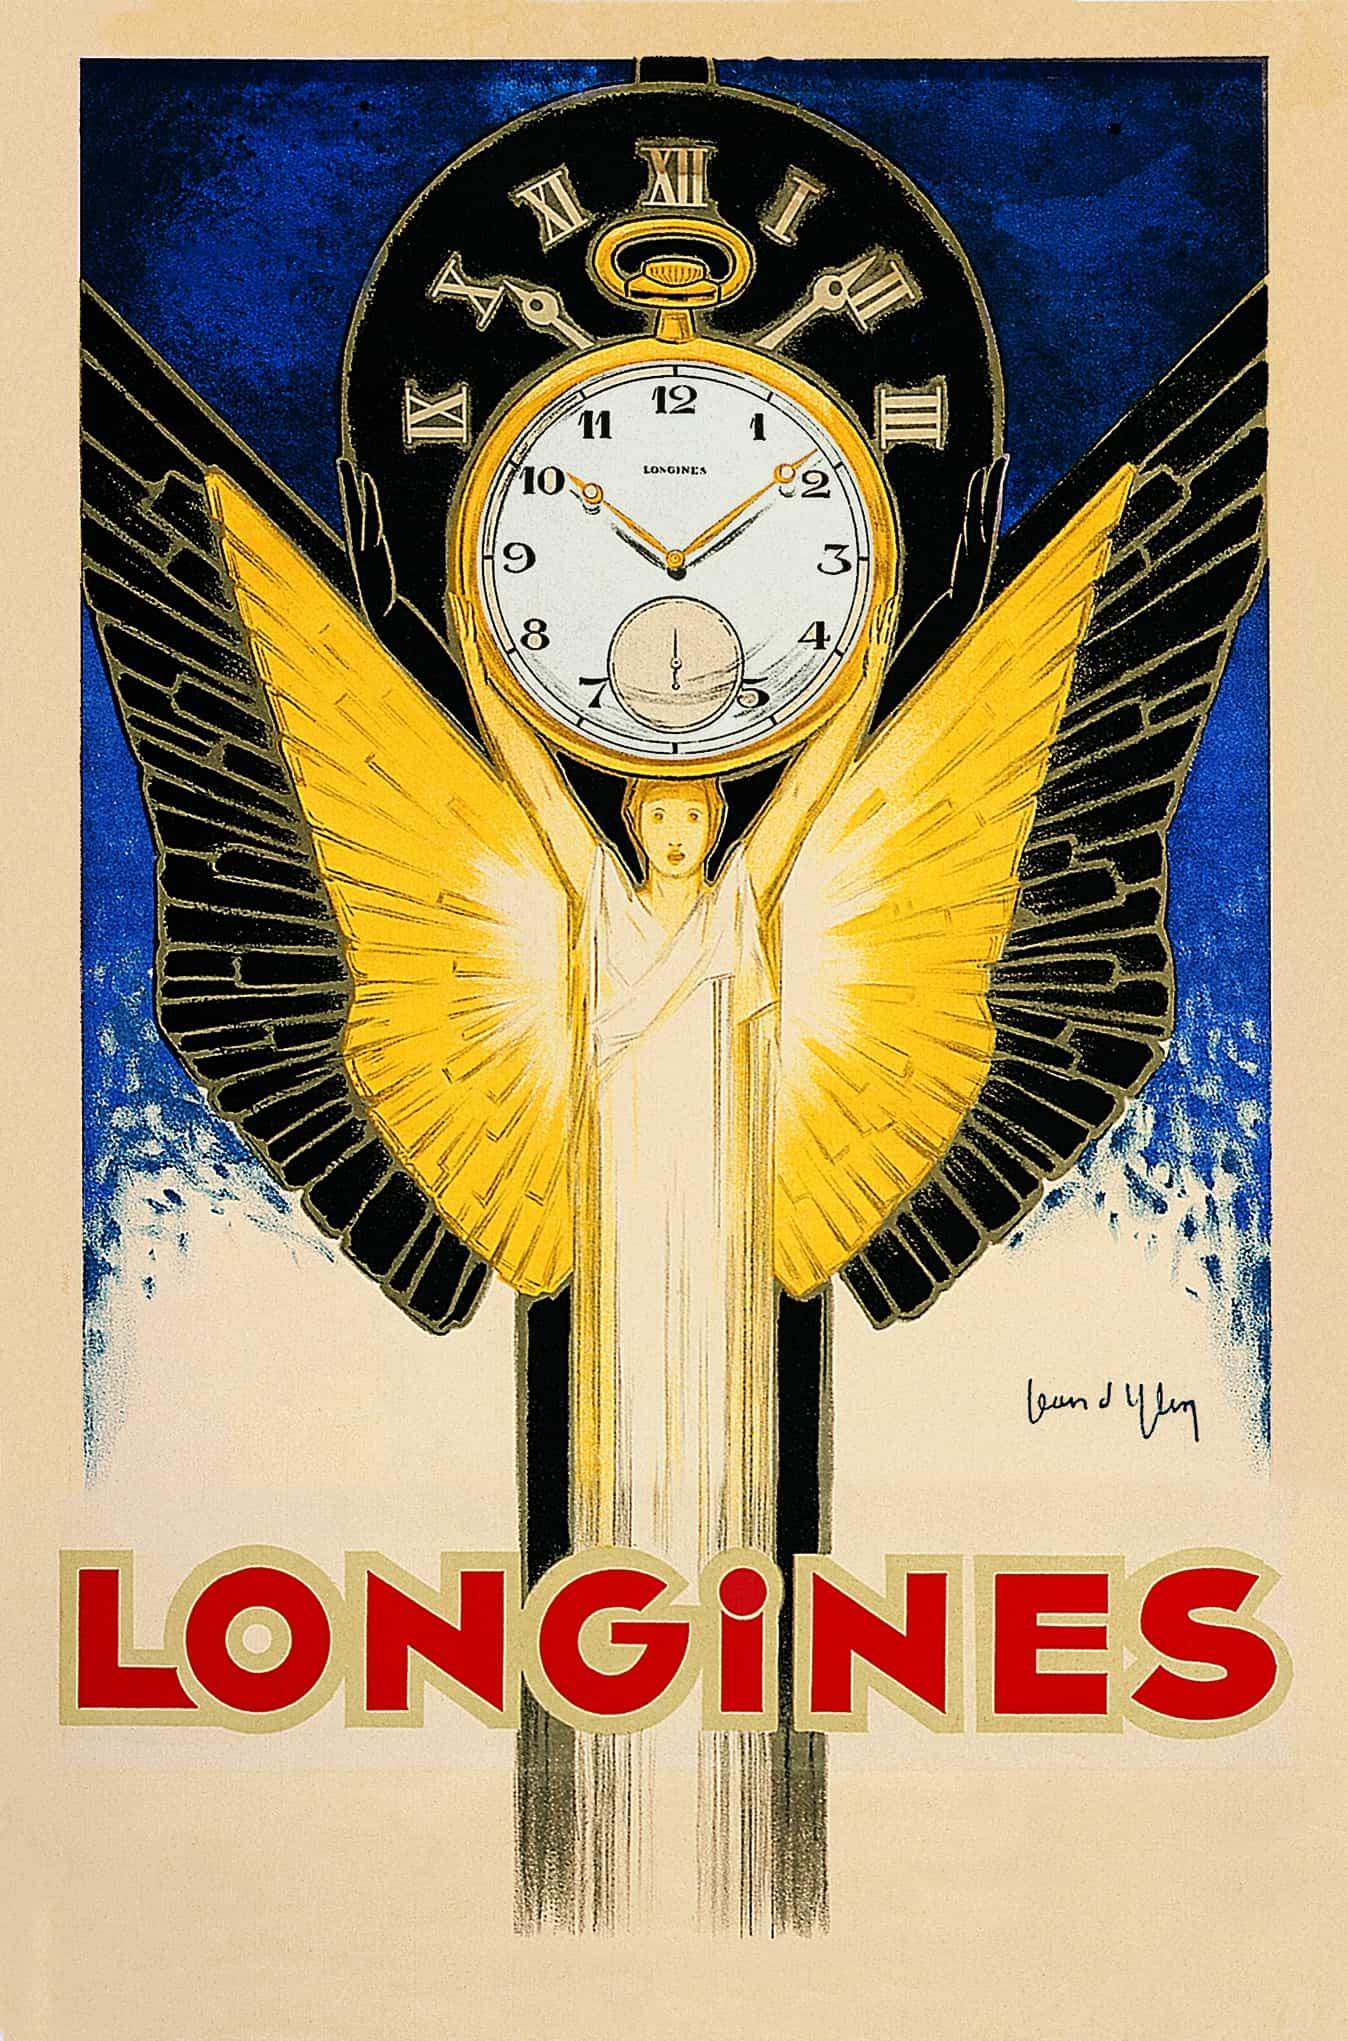 Die Marke Longines kann nicht nur auf eine lange Tradition zurückschauen, sondern kommunizierte bereits in frühen Jahren stark und eindrucksvoll